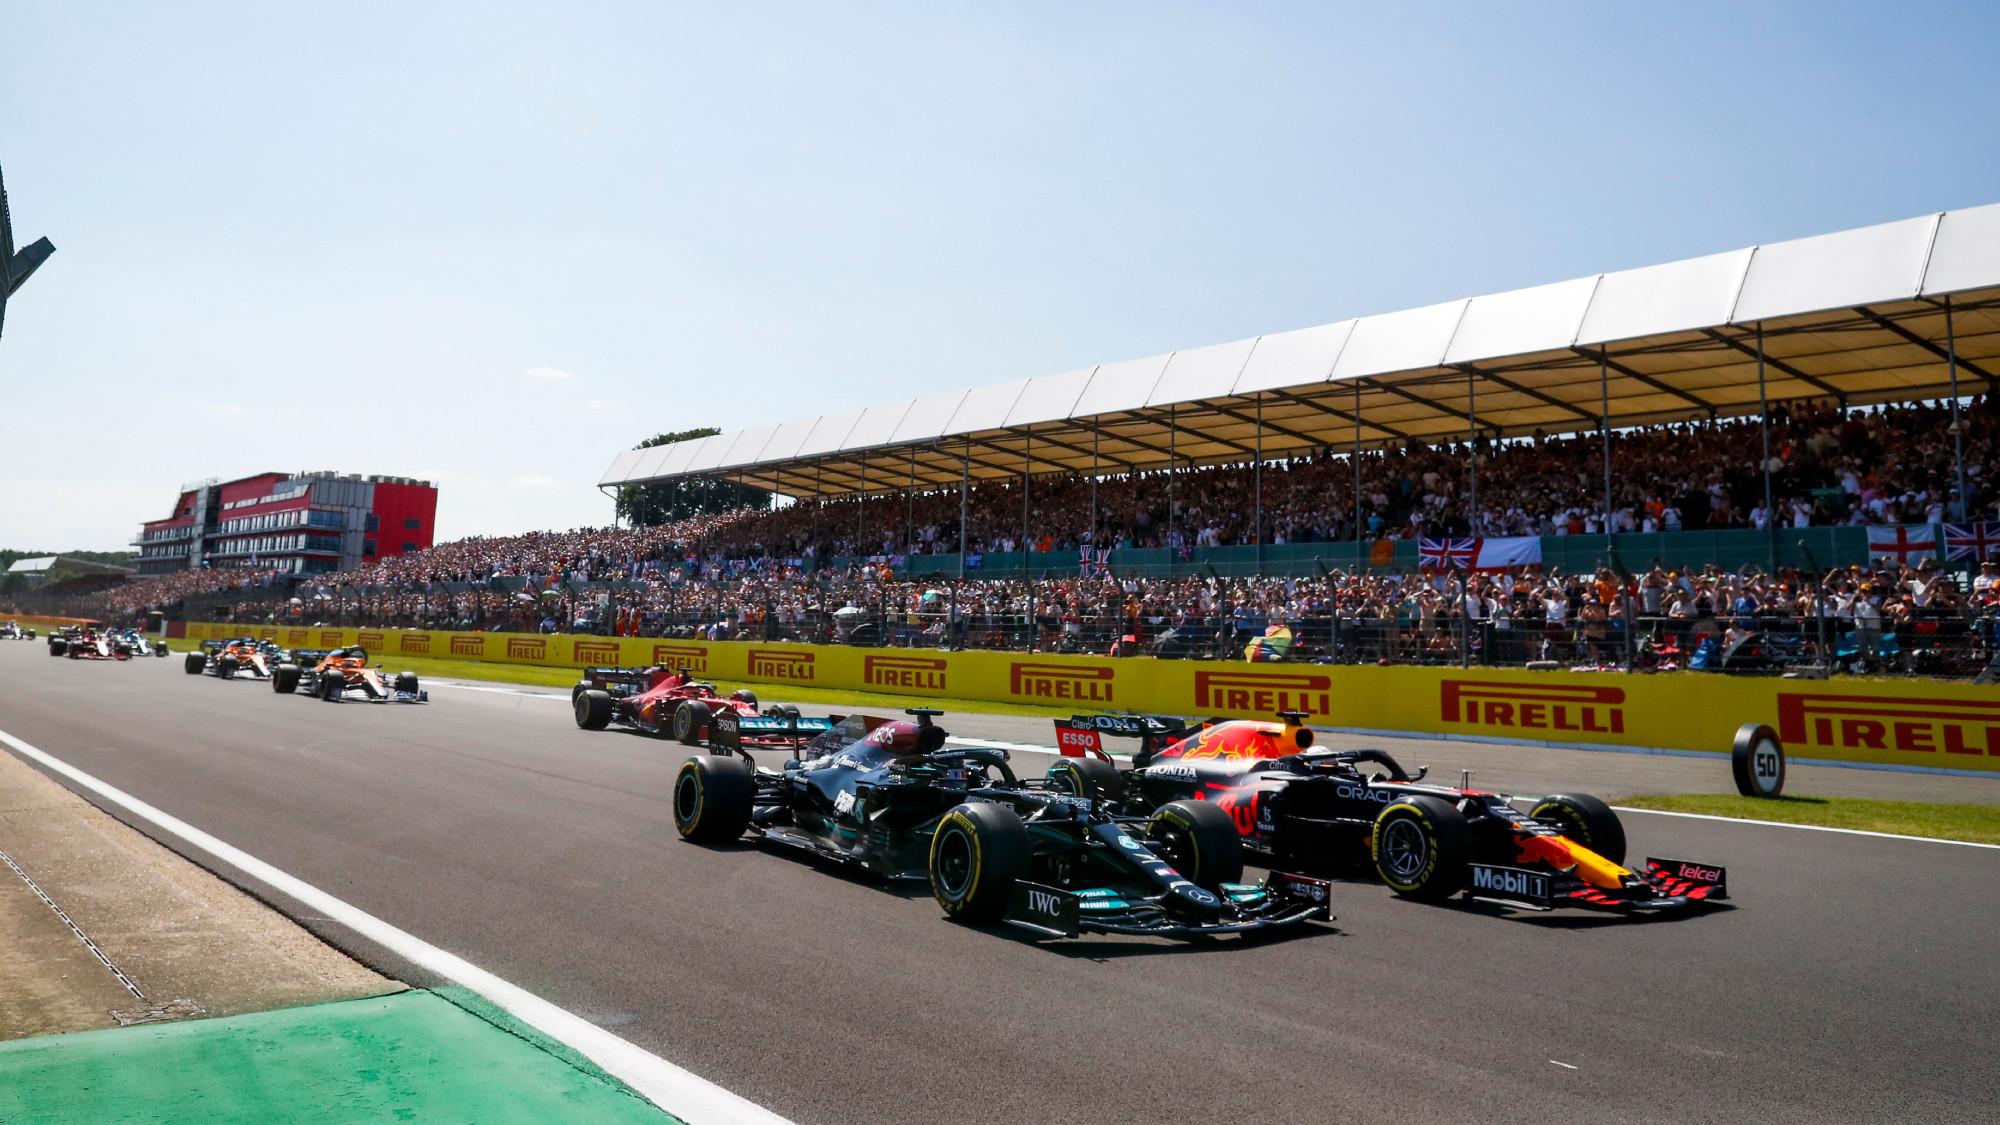 Max Verstappen Lewis Hamilton British GP crash